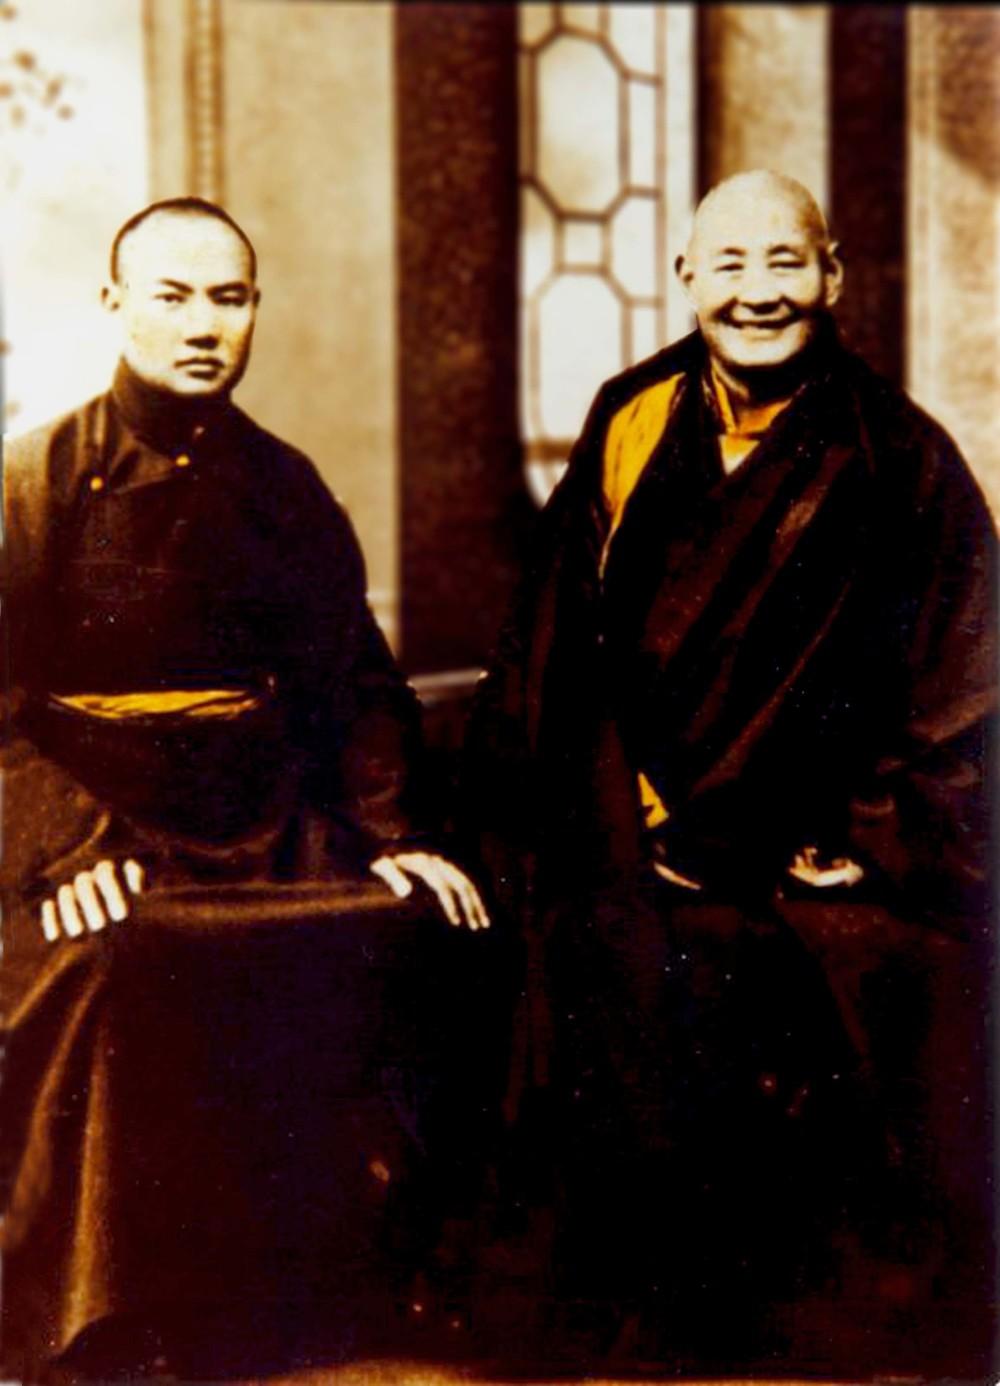 第十六世噶瑪巴-左,第九世貢噶仁波切-右